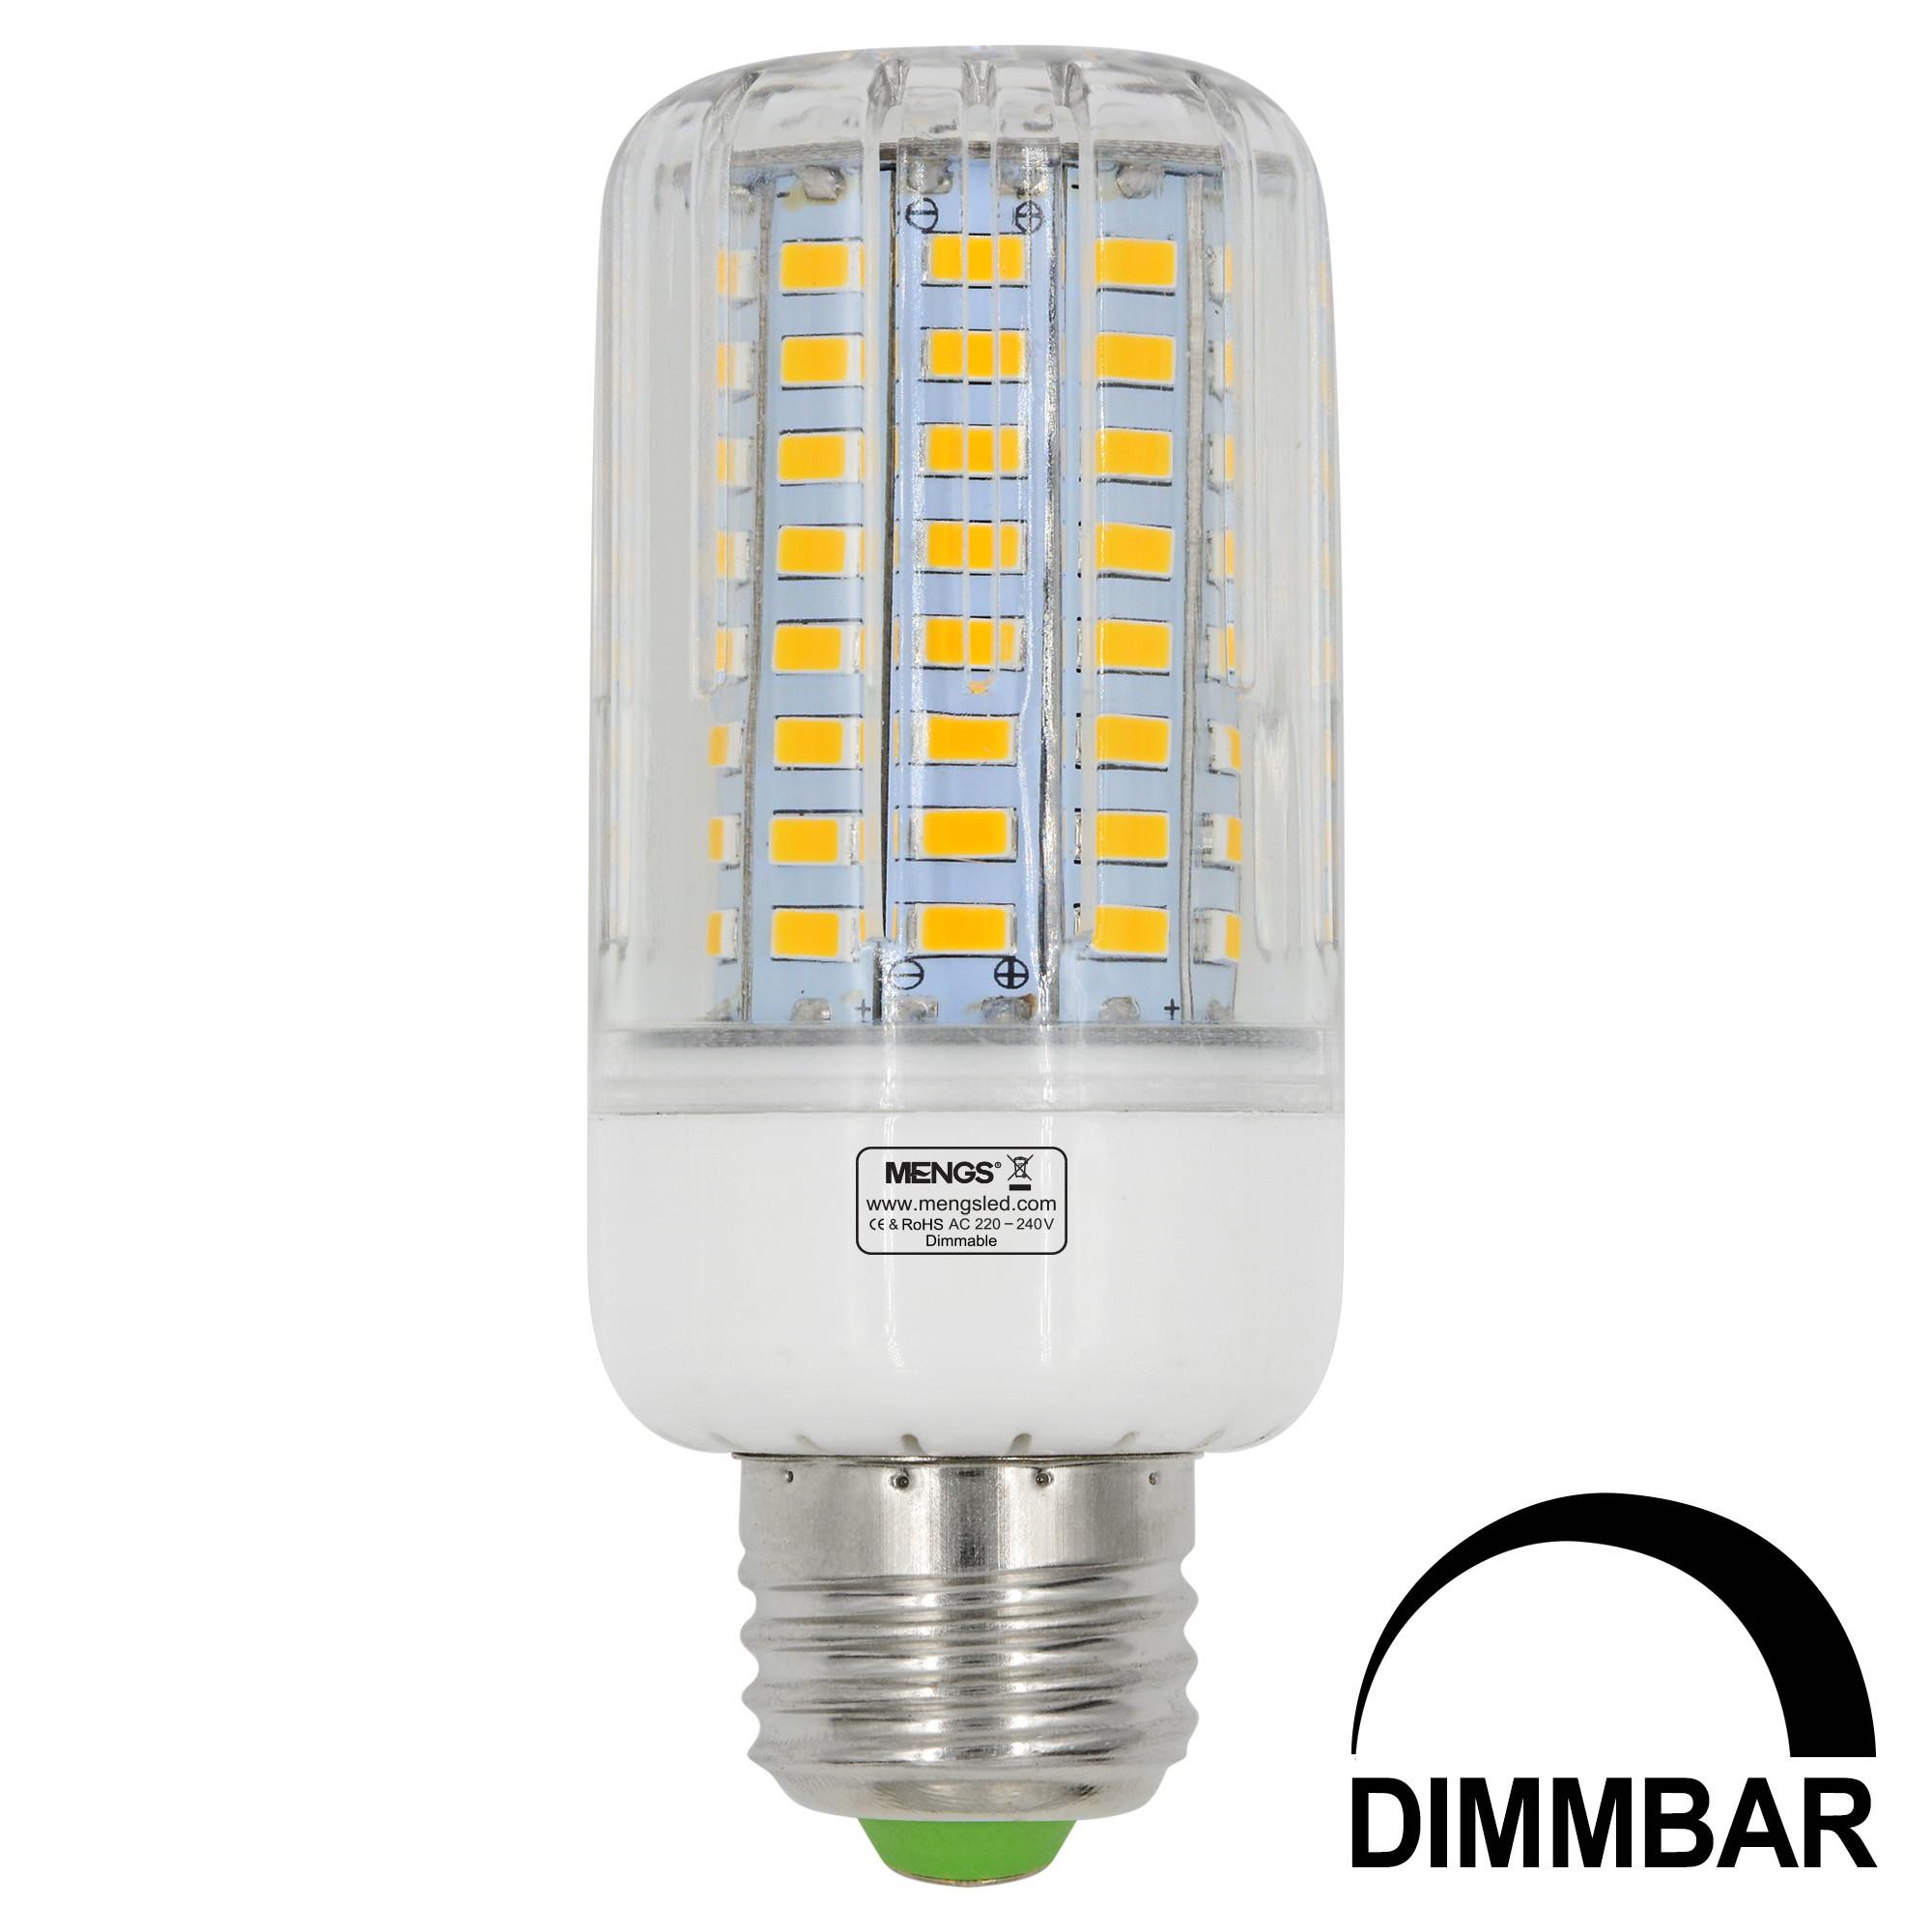 MENGS® E27 12W LED Dimmable Corn Light 96x 5736 SMD LED Bulb Lamp AC 220-240V In Cool White Energy-Saving Light